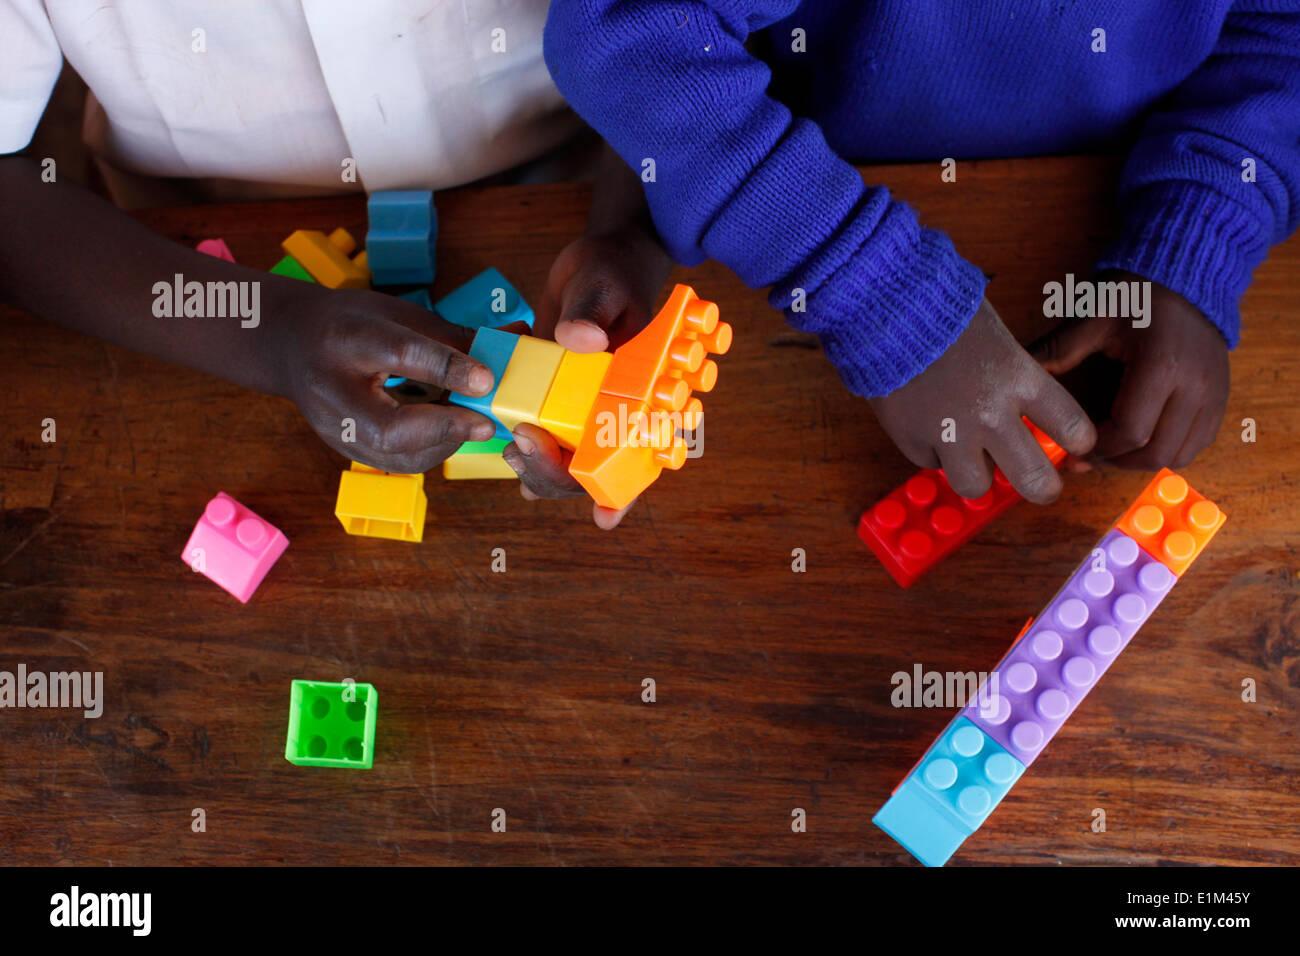 Kindergarten financed by a 25,000 KS loan from Opportunity microfinance - Stock Image